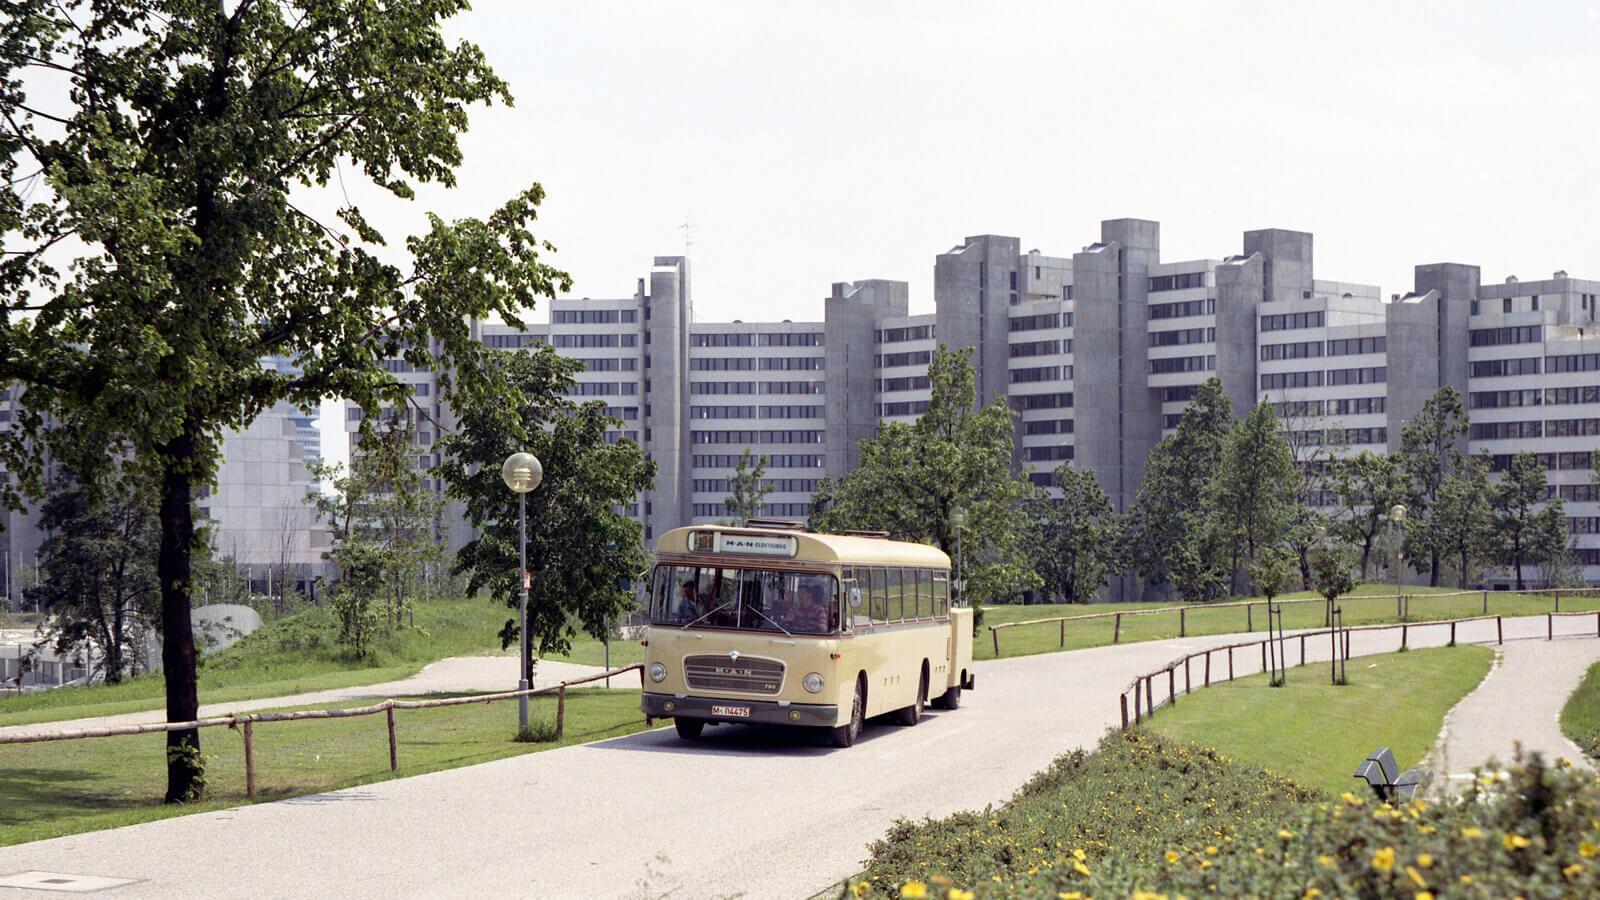 Villanybusz a hetvenes évekből